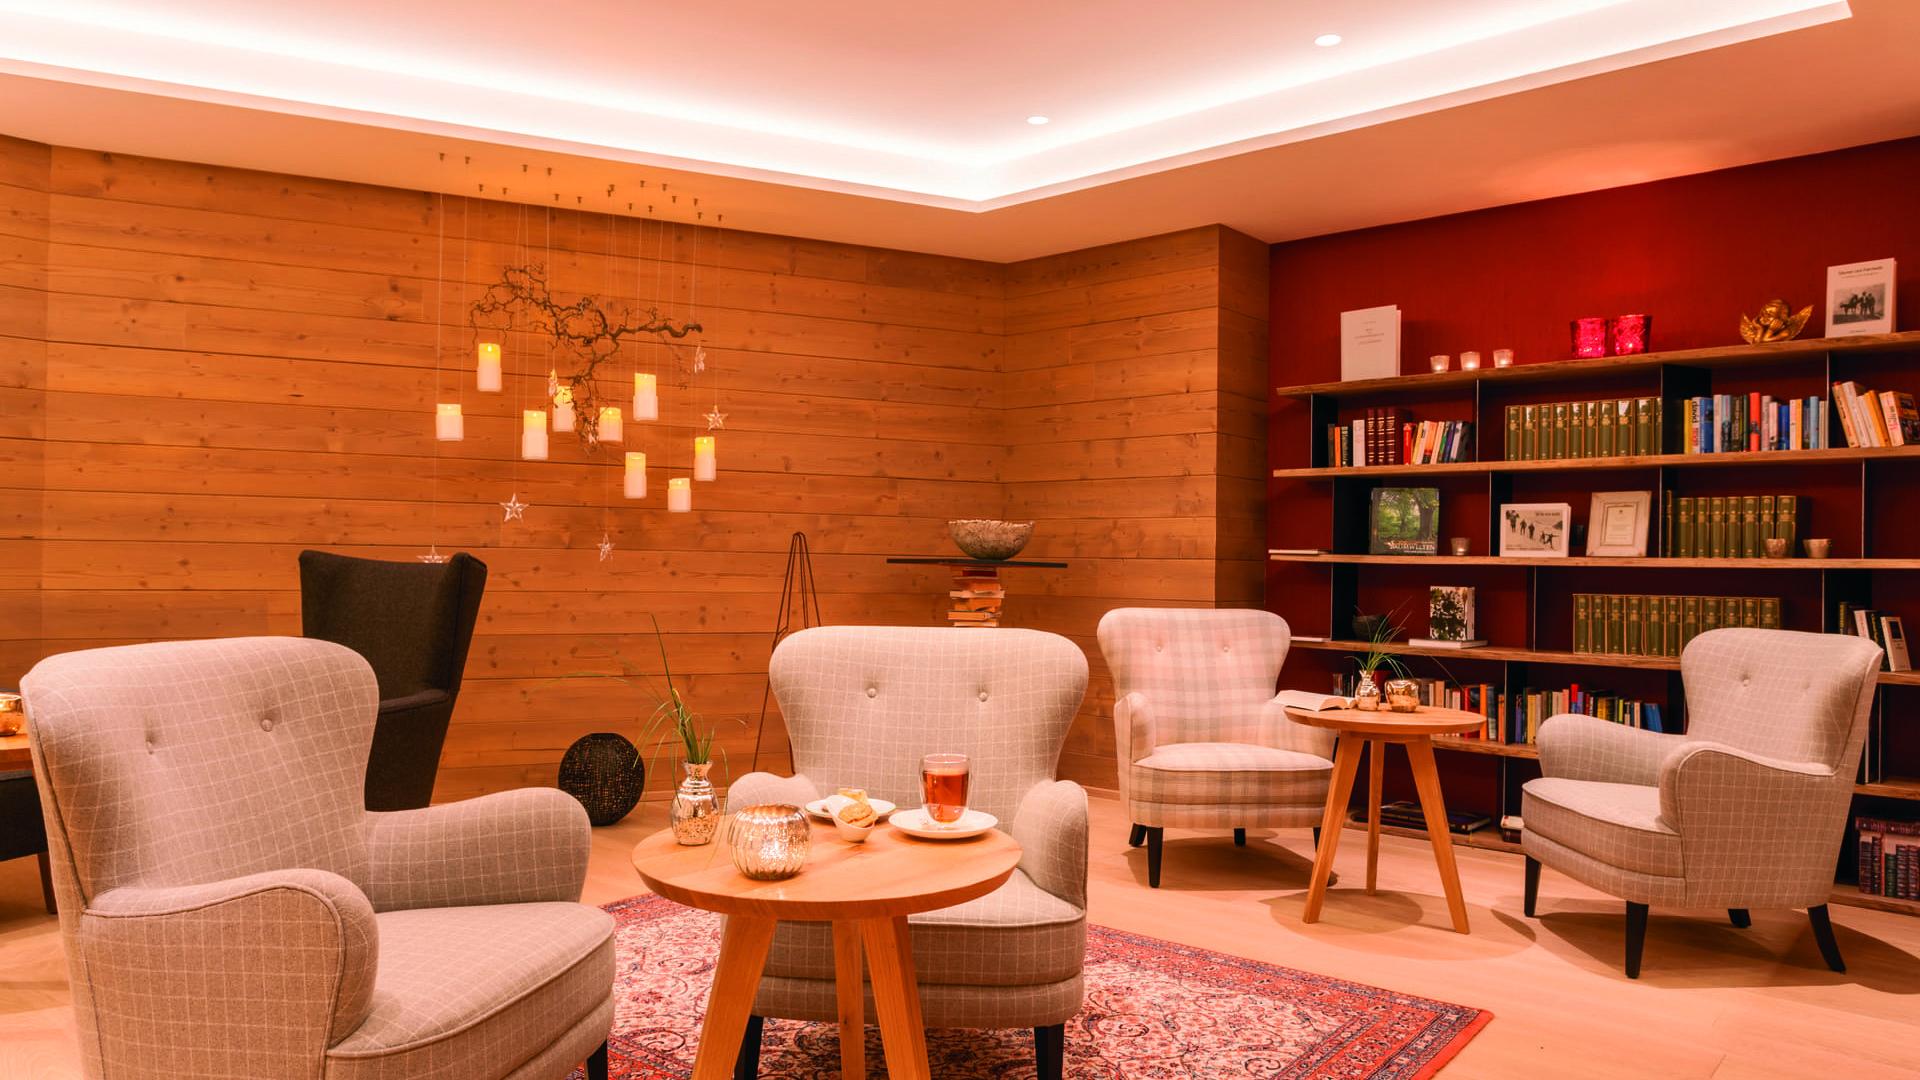 Bibliothek und Leselounge im hotel madlochBlick mit schönen Polstermöbeln und Holzvetäfelung.